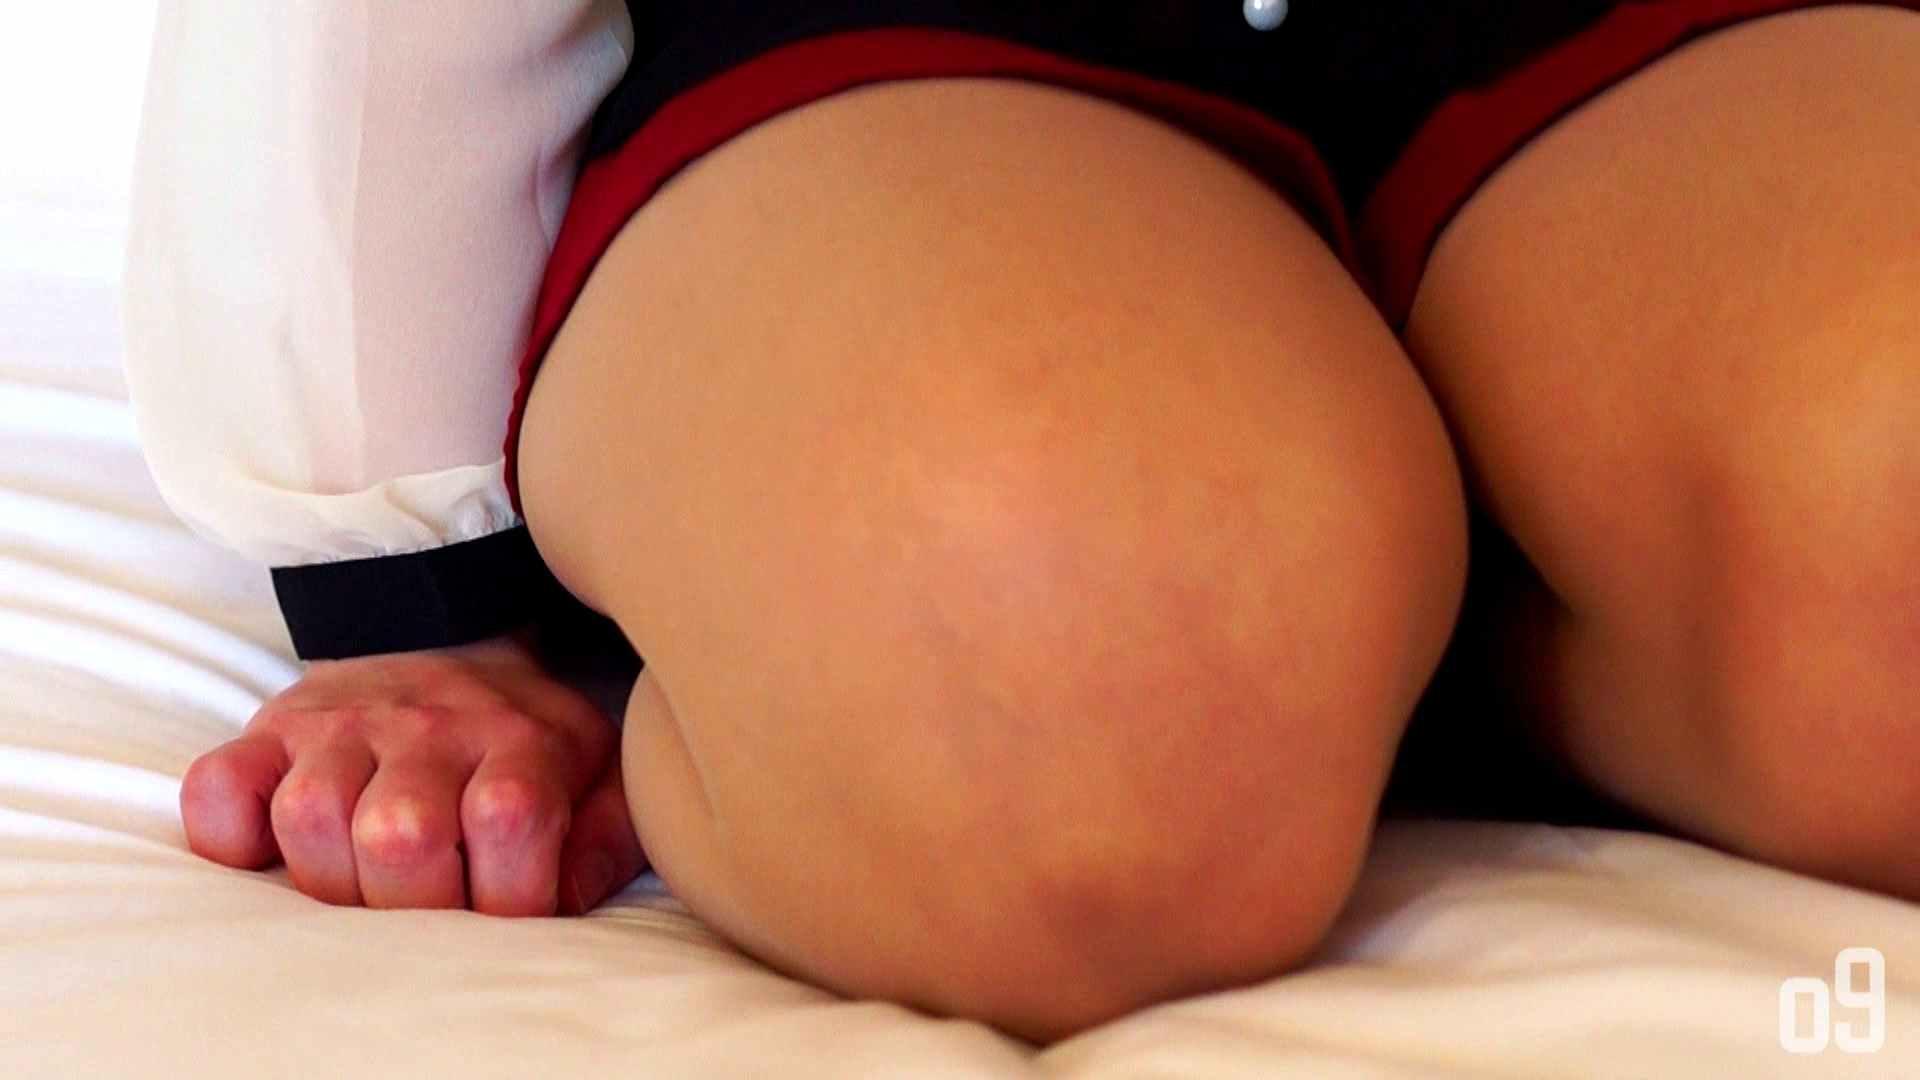 vol.1 撮影内容未確定の中、まずは私服姿撮り OLヌード天国  53PIX 2